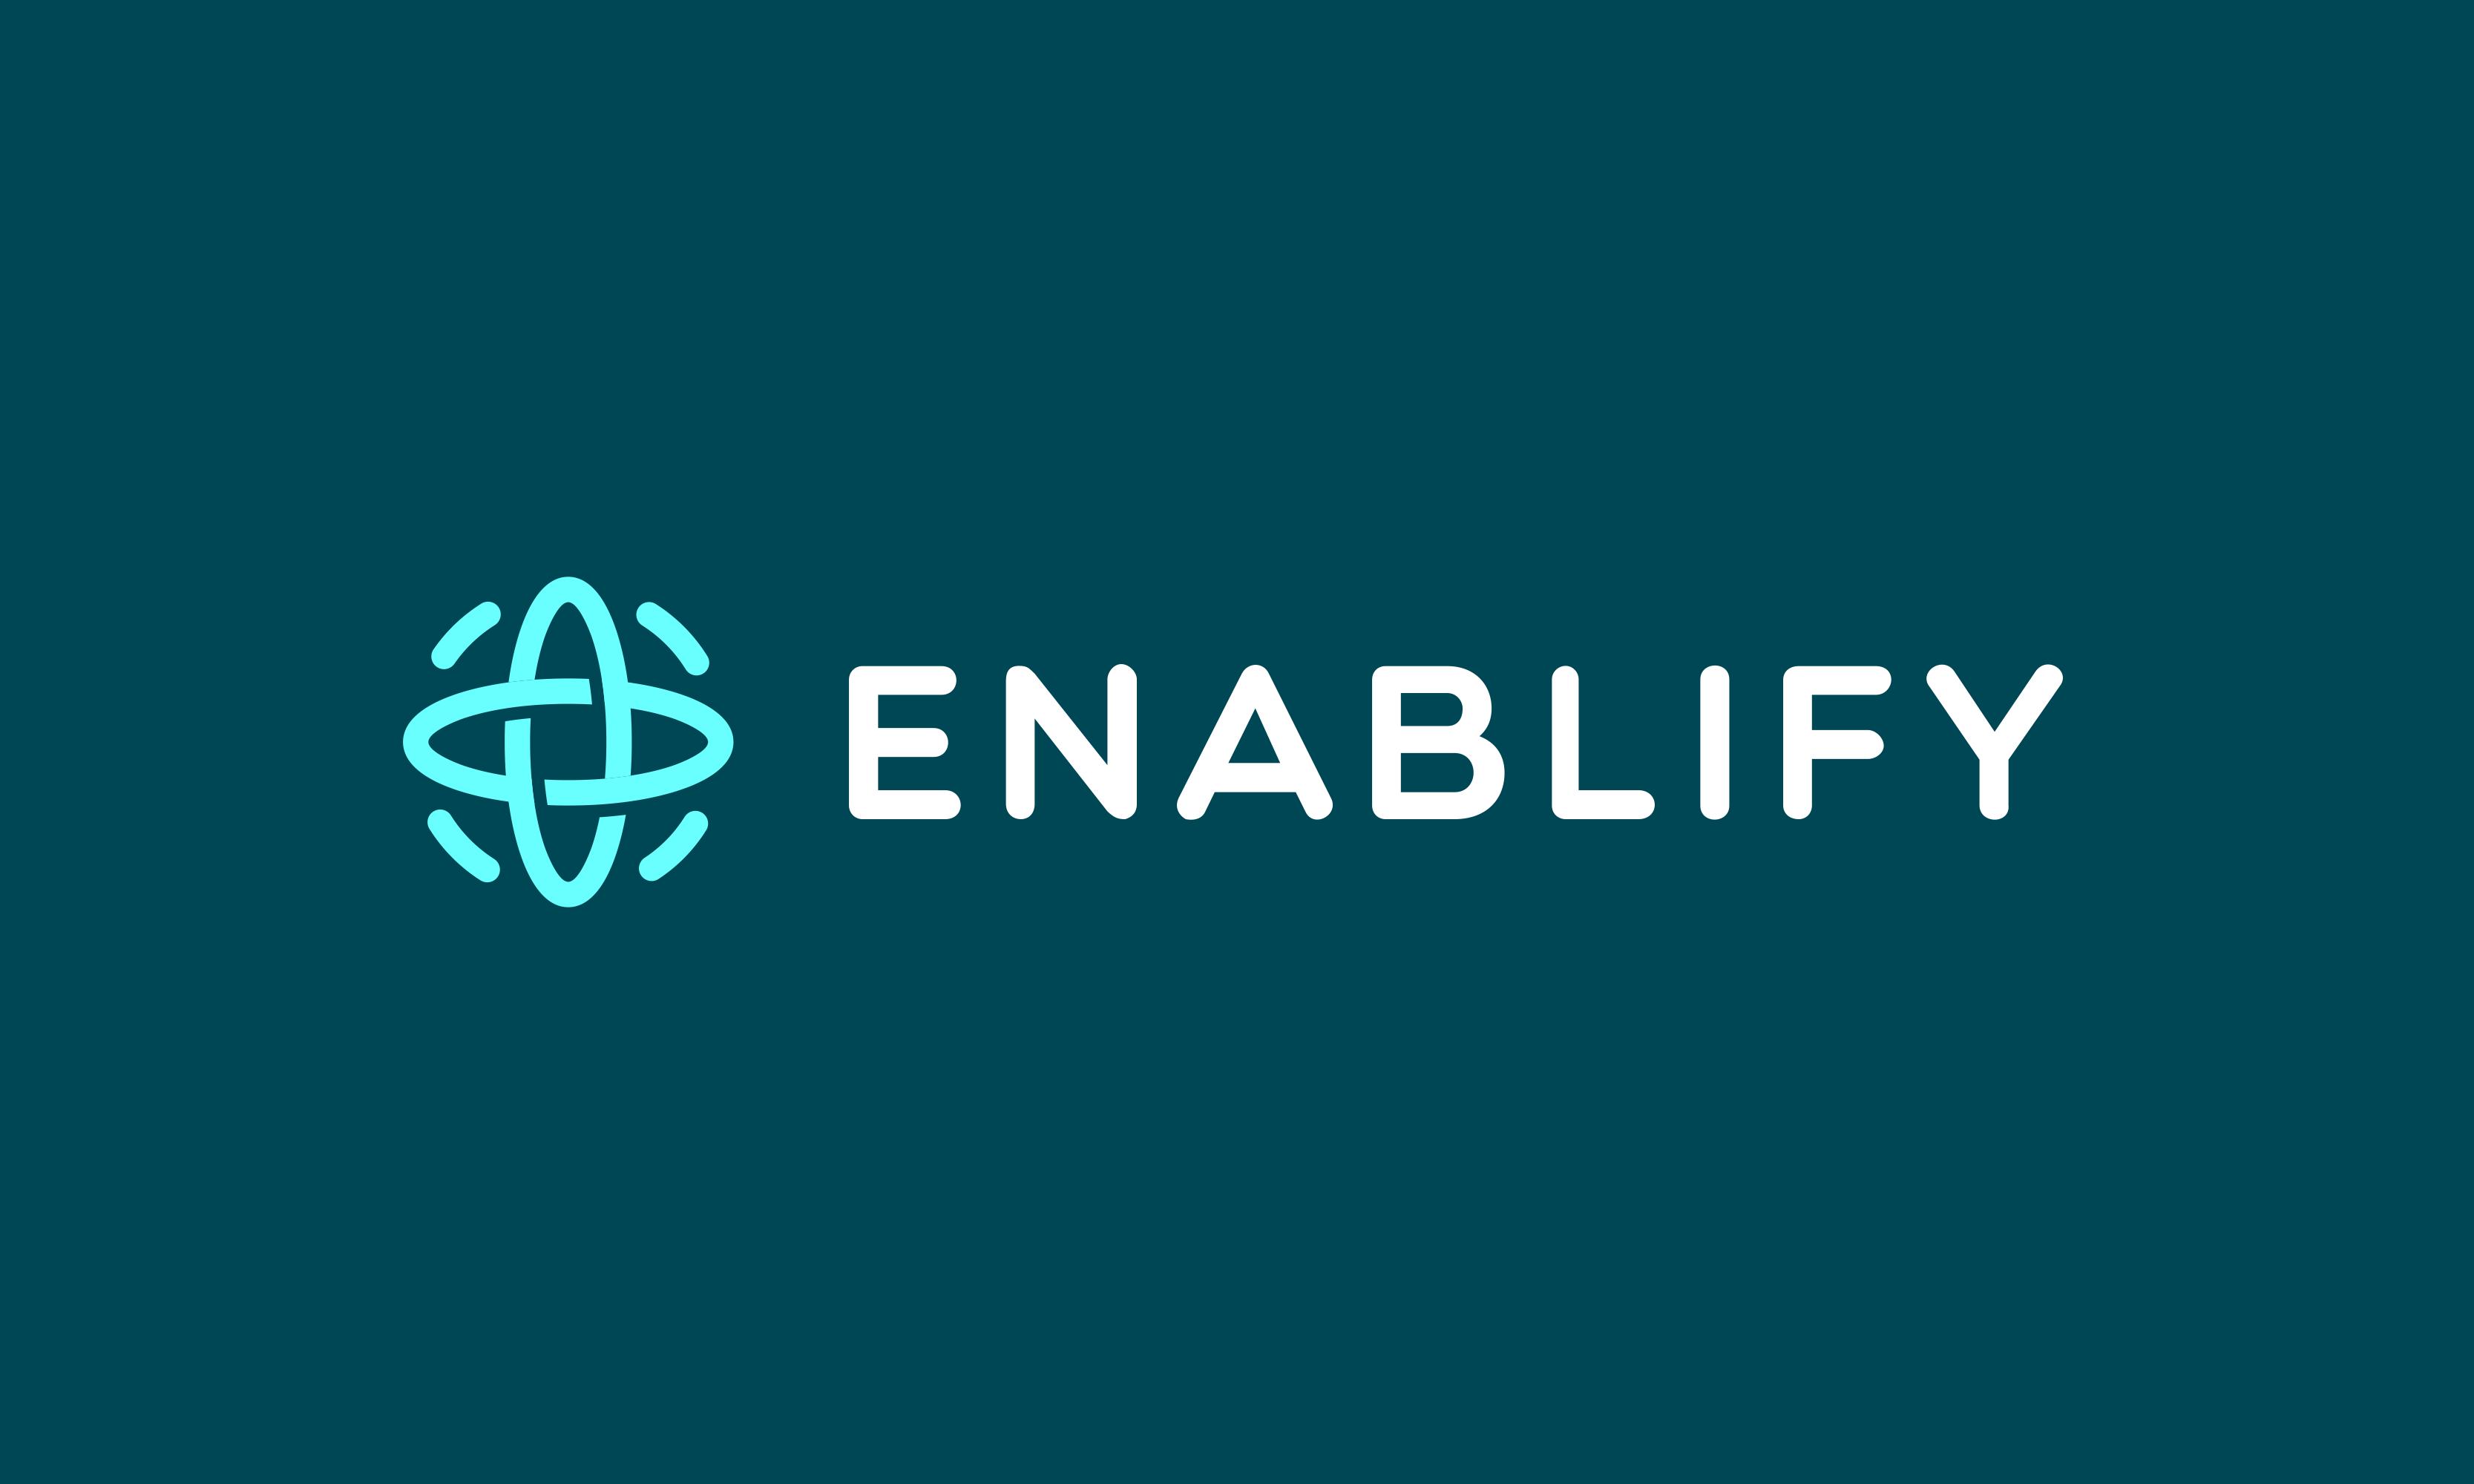 Enablify